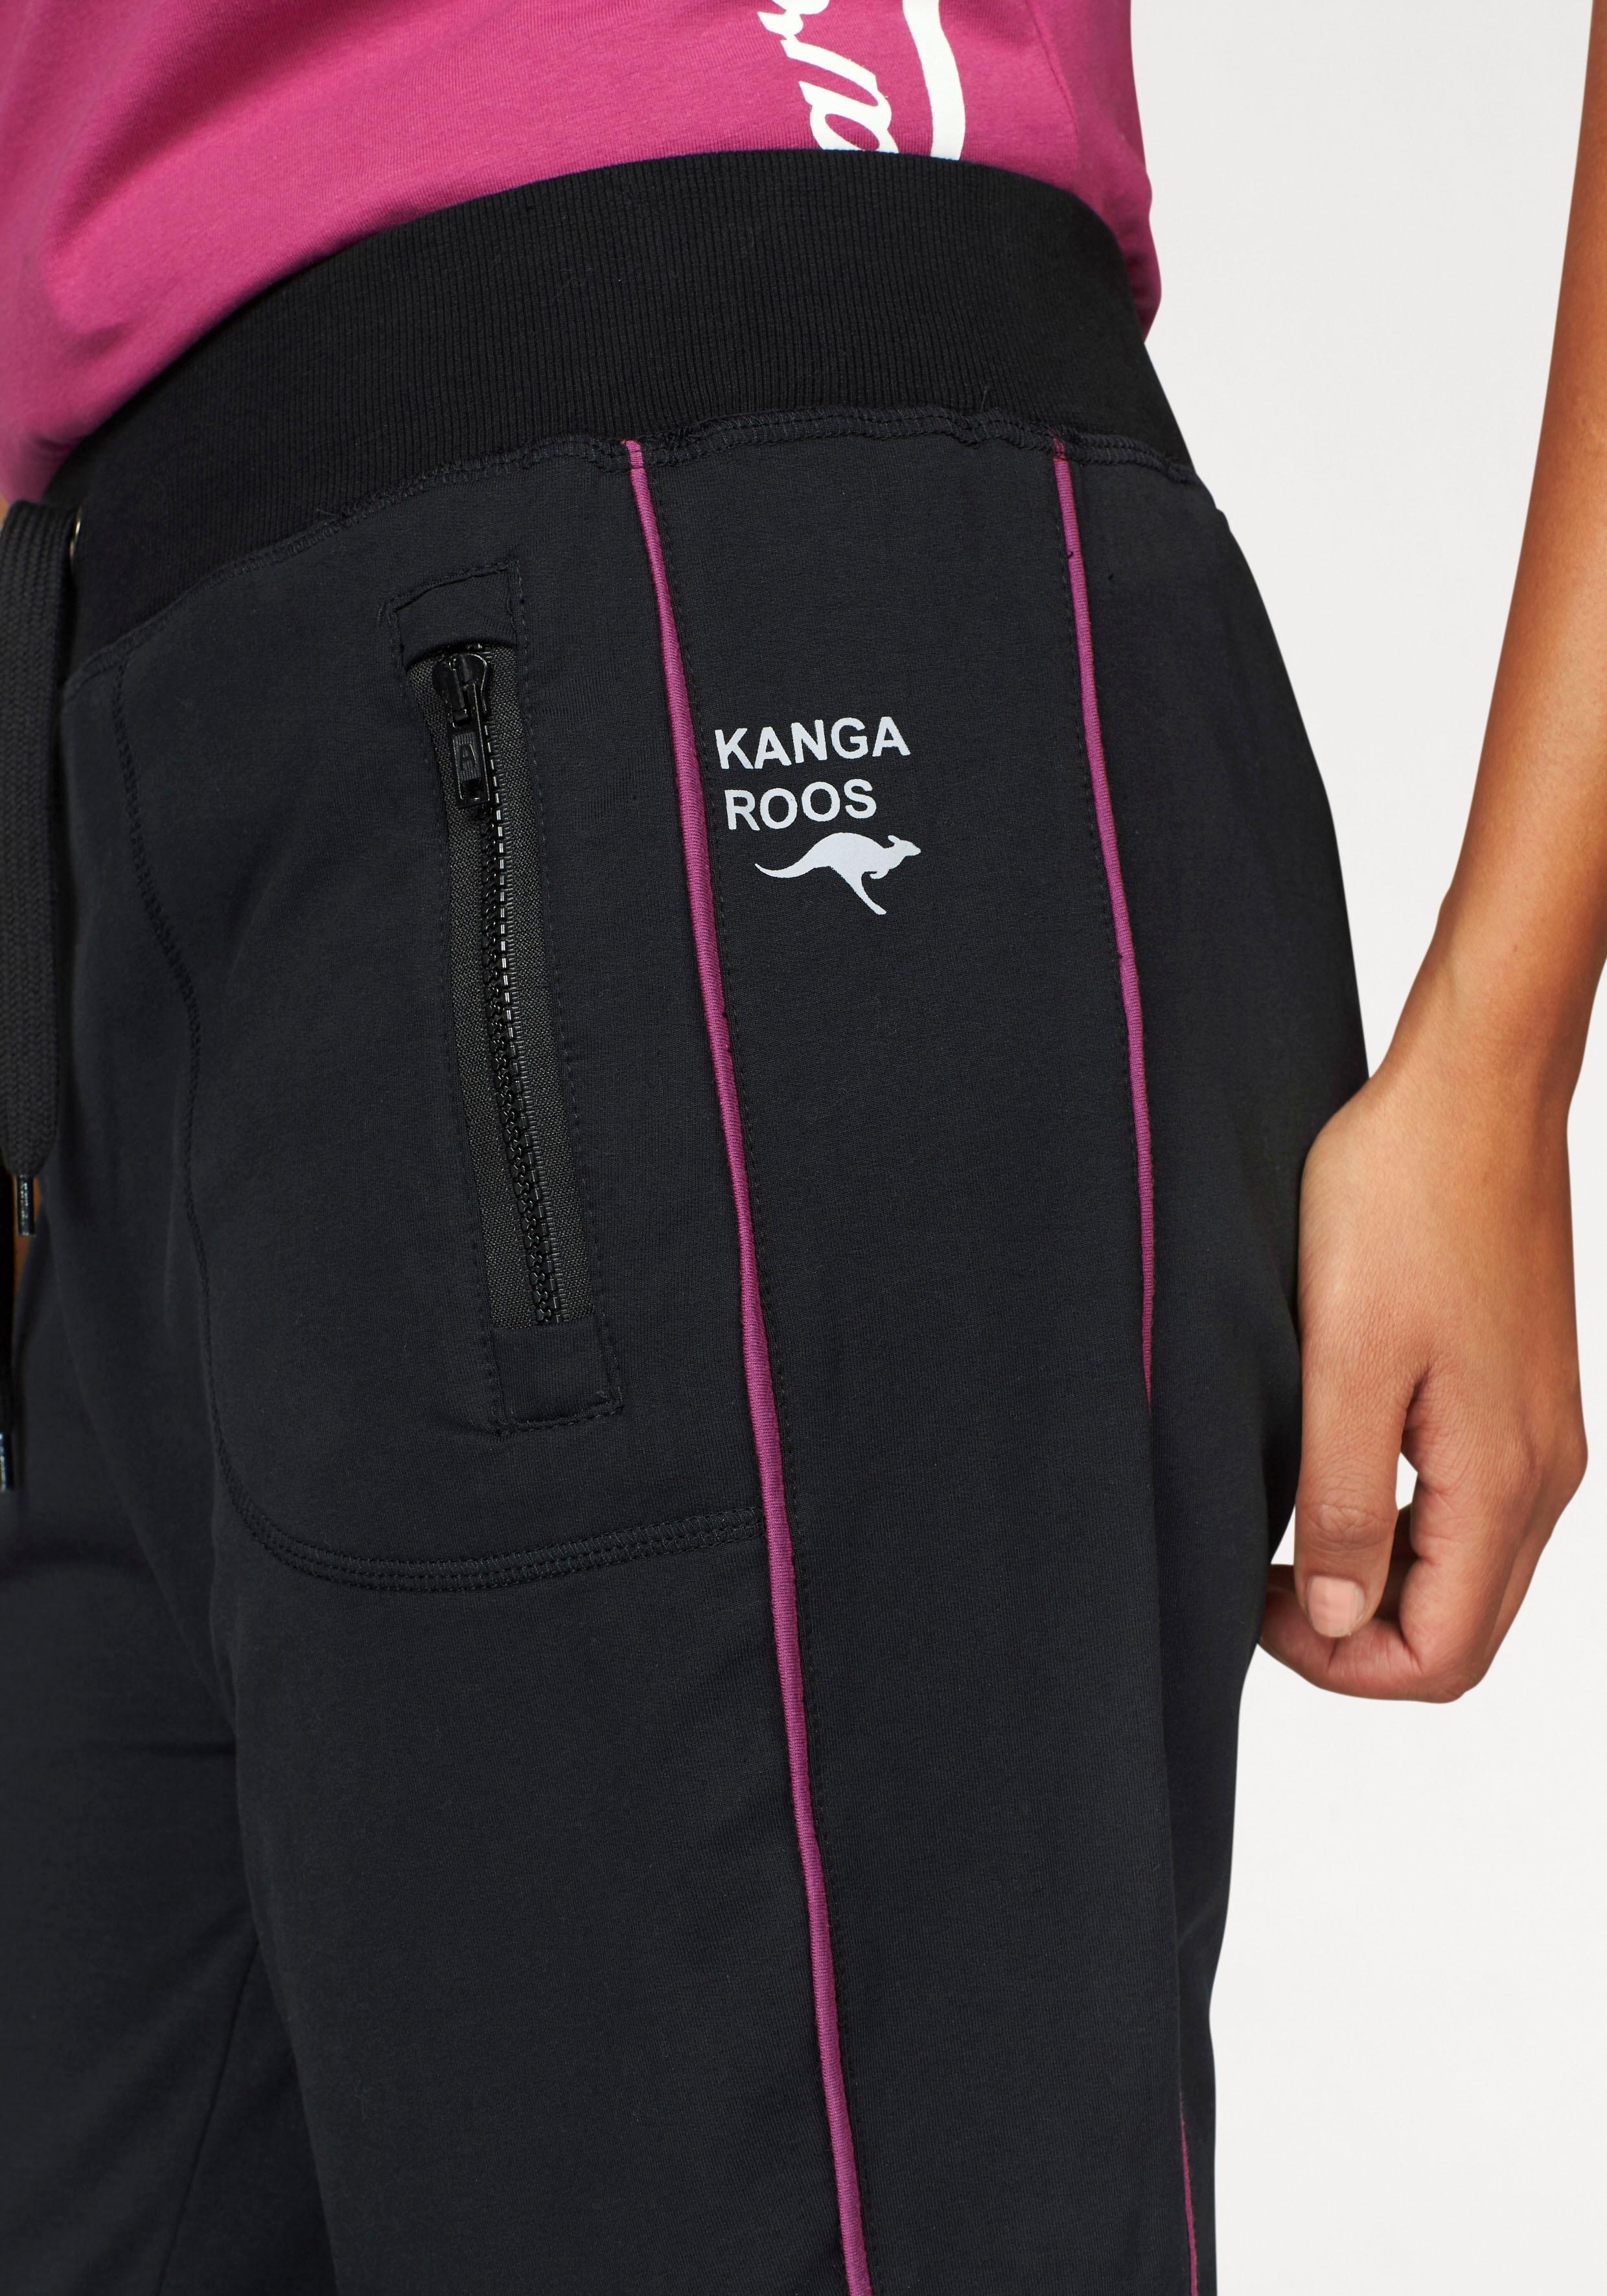 Kangaroos Online Kangaroos Online Gekocht Joggingbroek Snel Online Snel Snel Gekocht Joggingbroek Joggingbroek Kangaroos rxedoCB